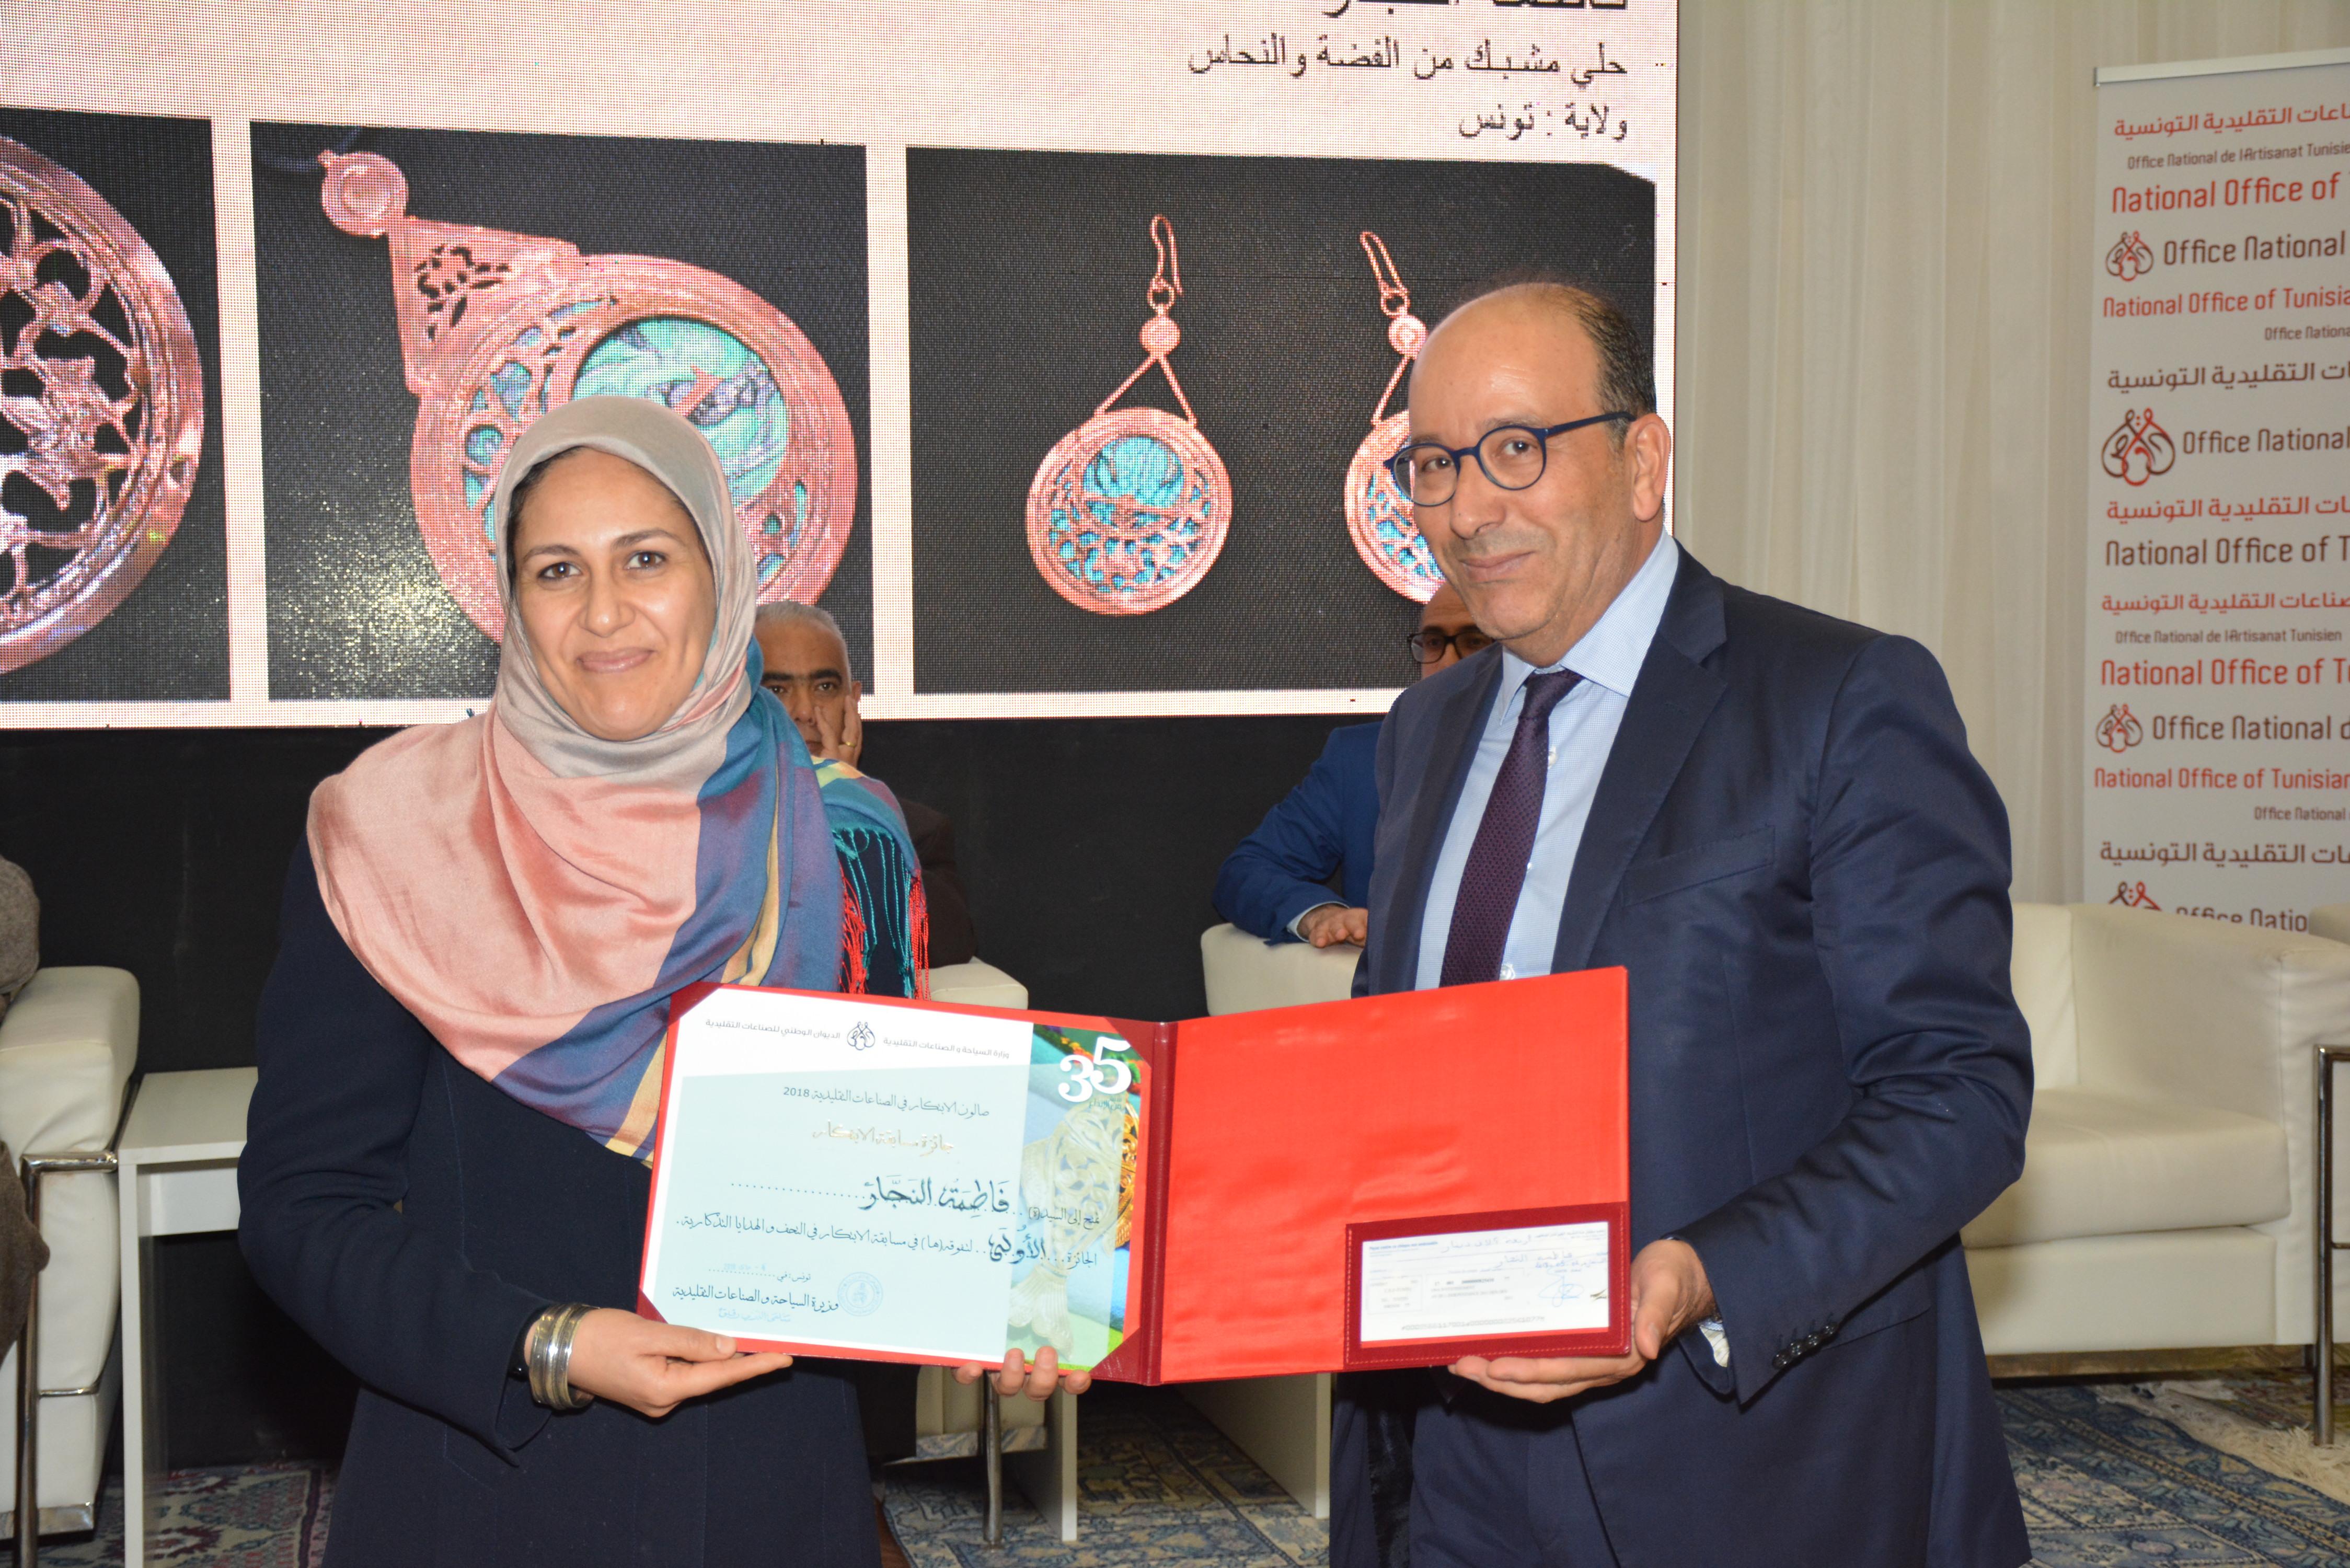 Fatma Najjar